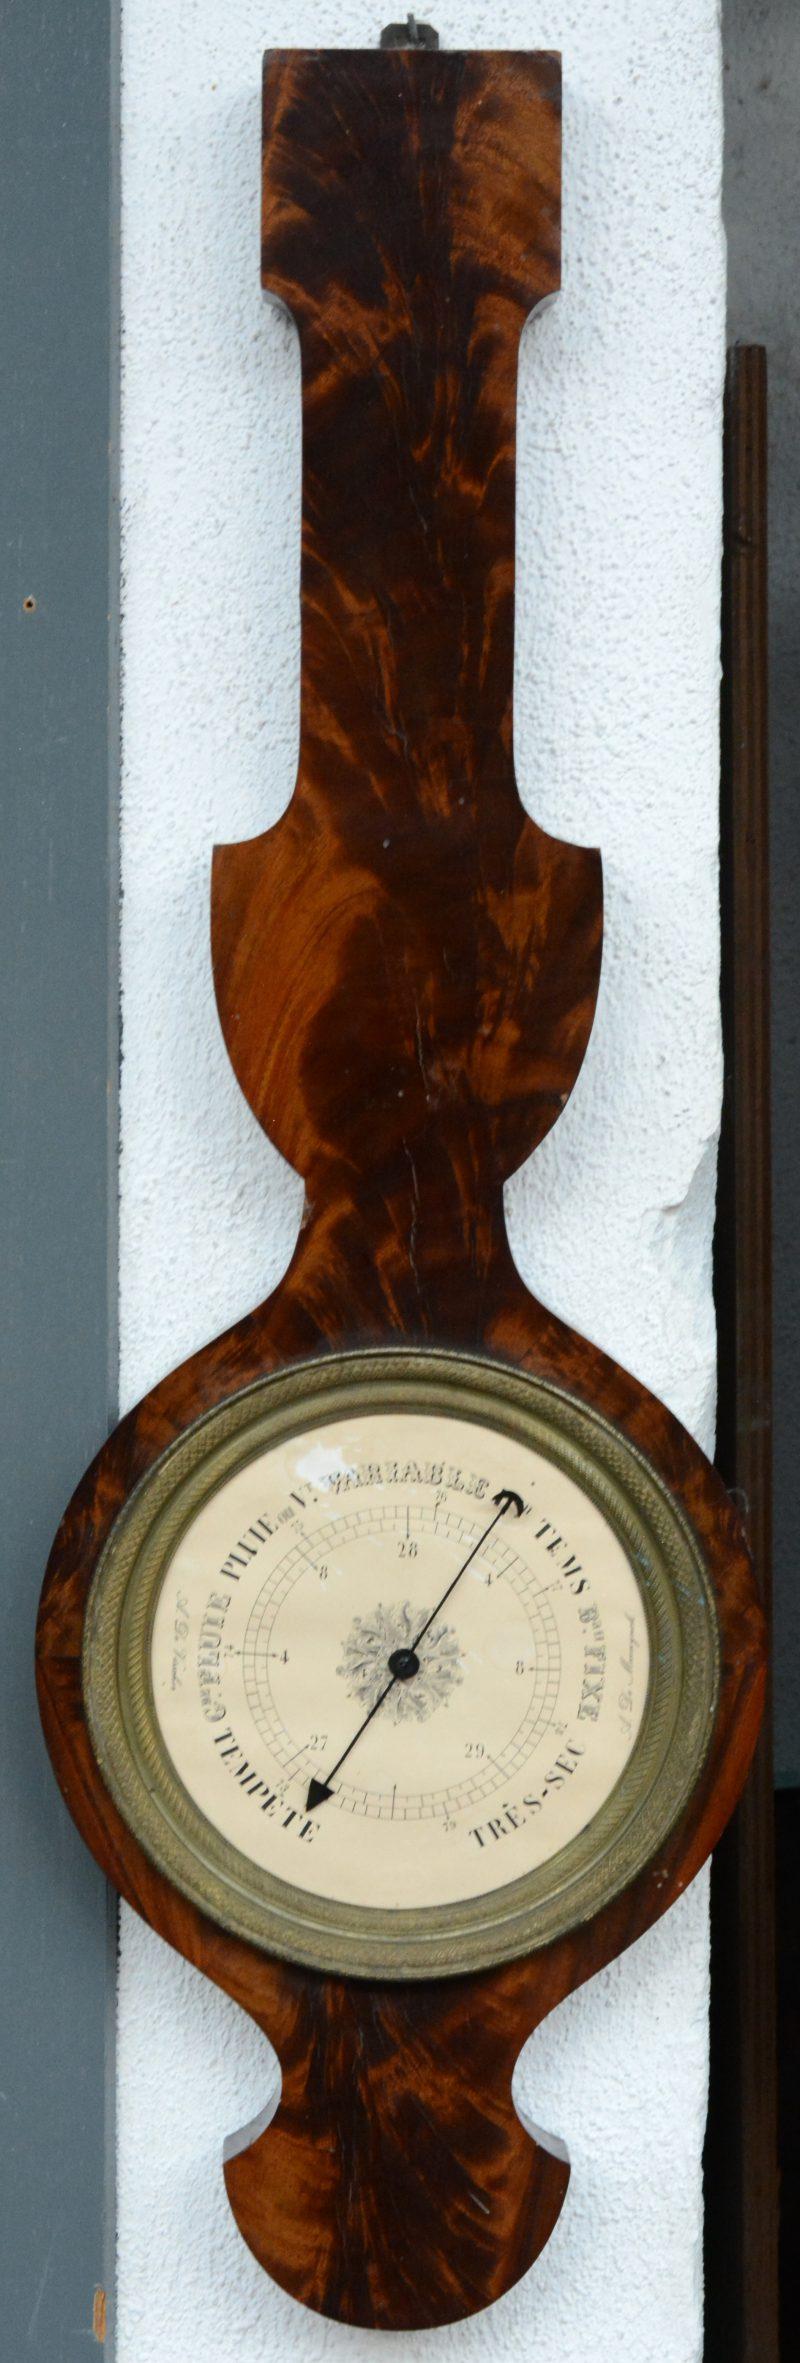 Een barometer met notenhoutfineer. Dekglas manco.